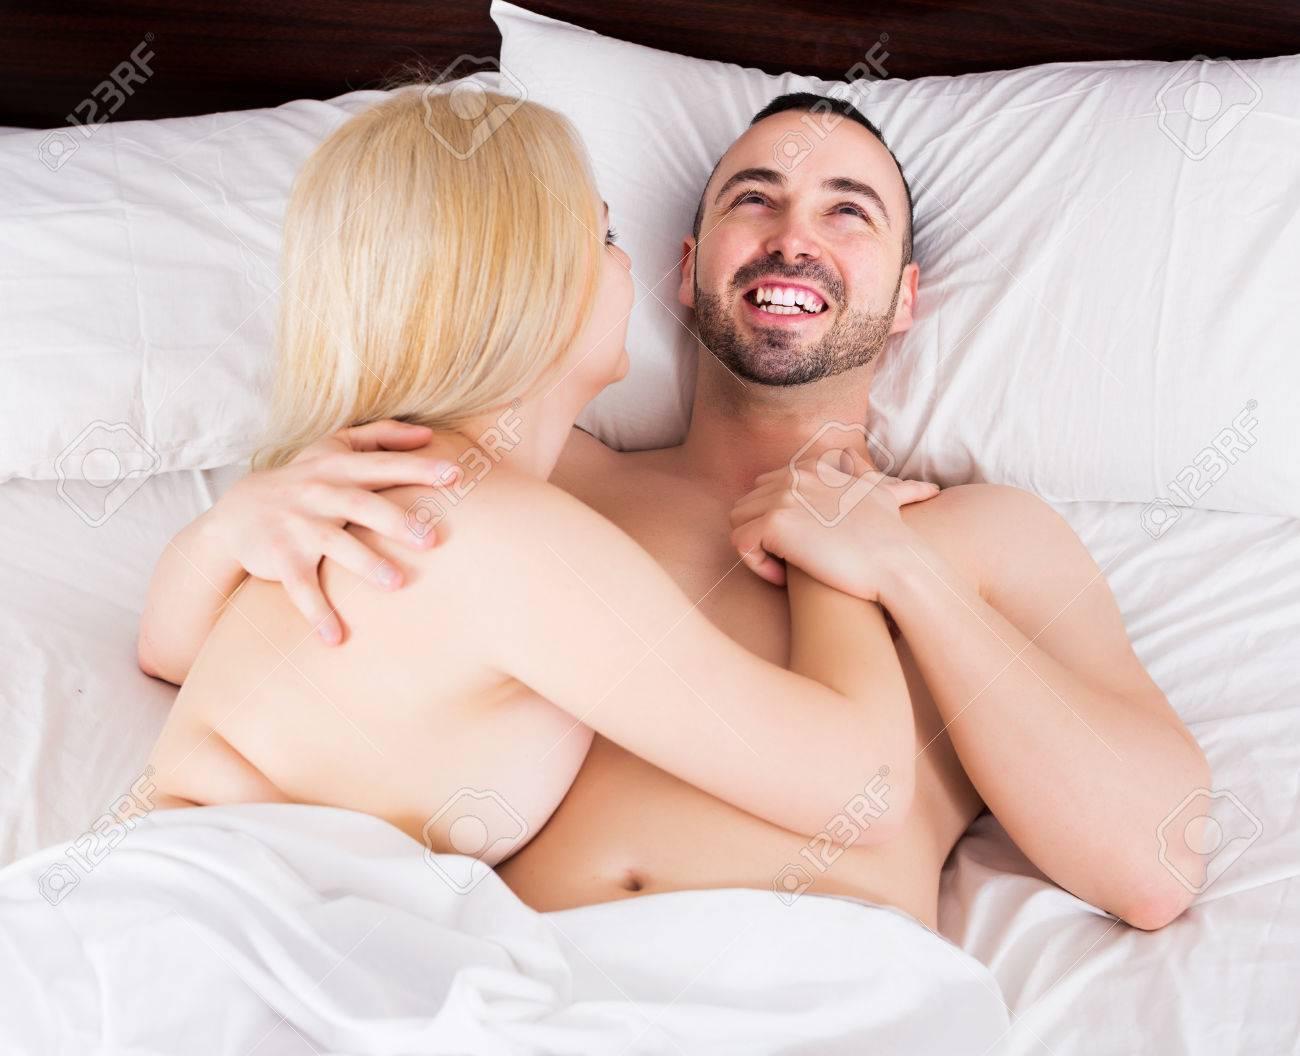 blonde madchen sex mit freund